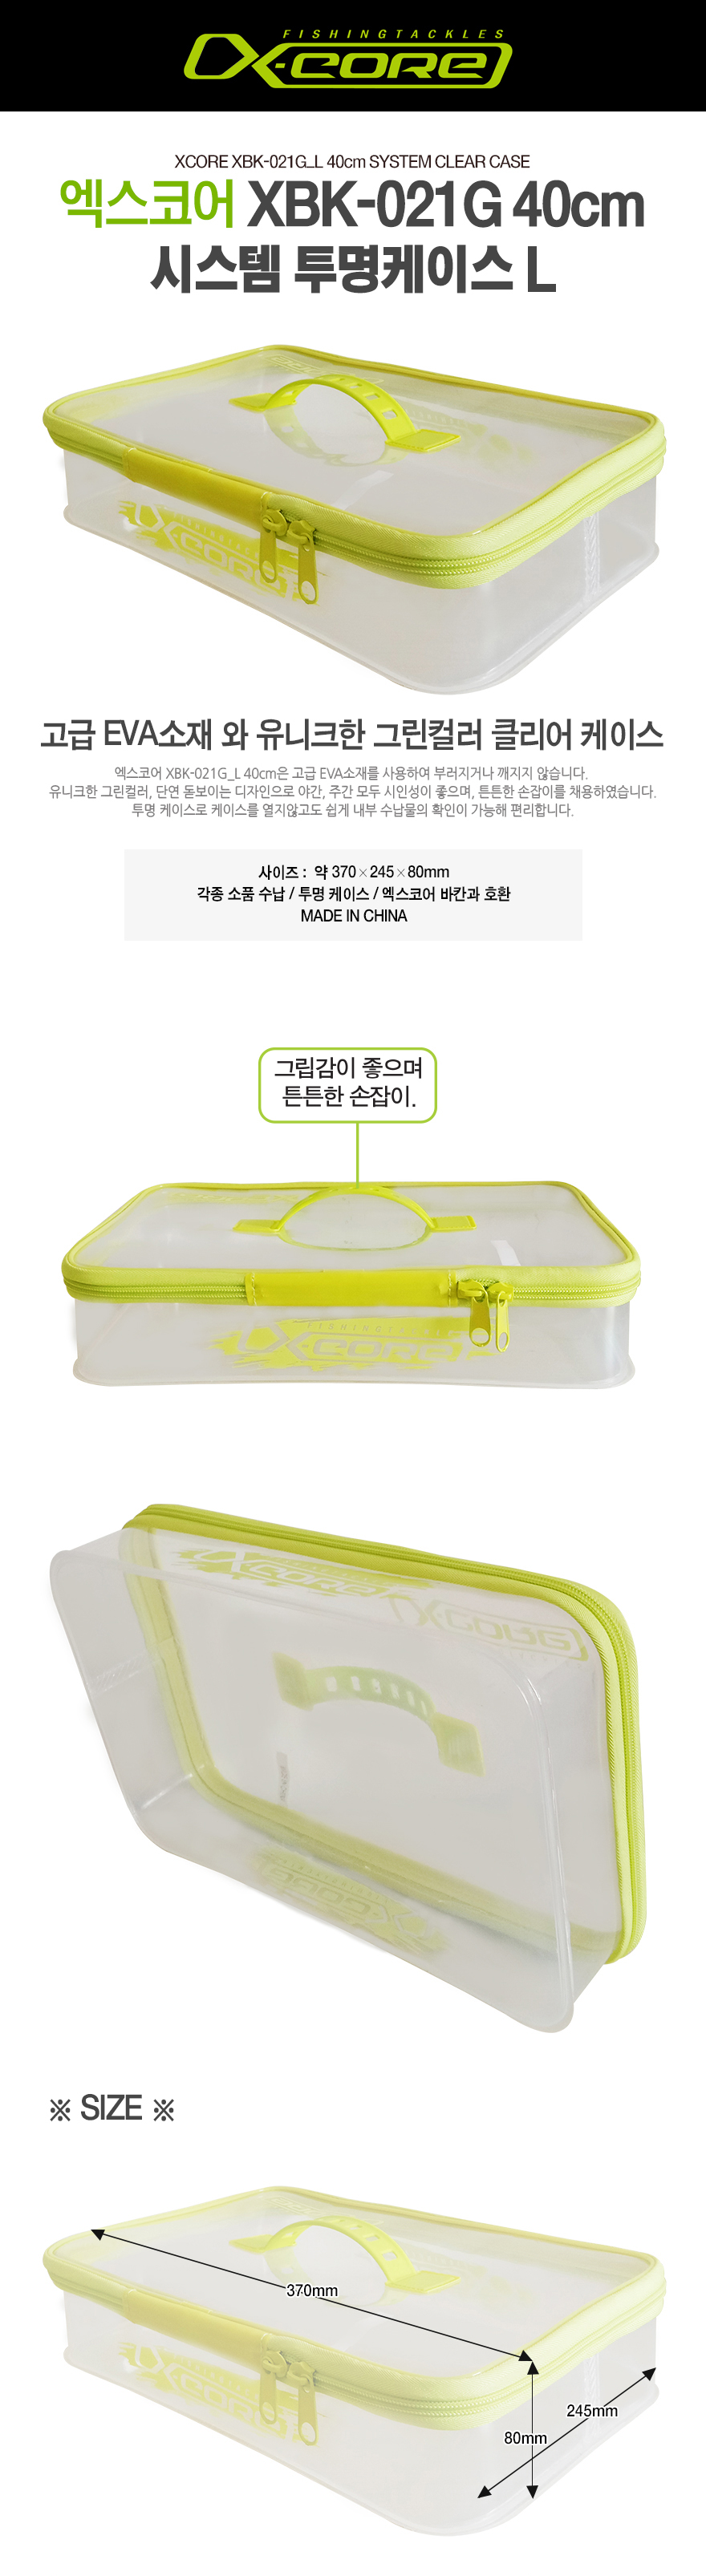 엑스코어 시스템 투명케이스 XBK-021G 시스템케이스 투명케이스 루어보조가방